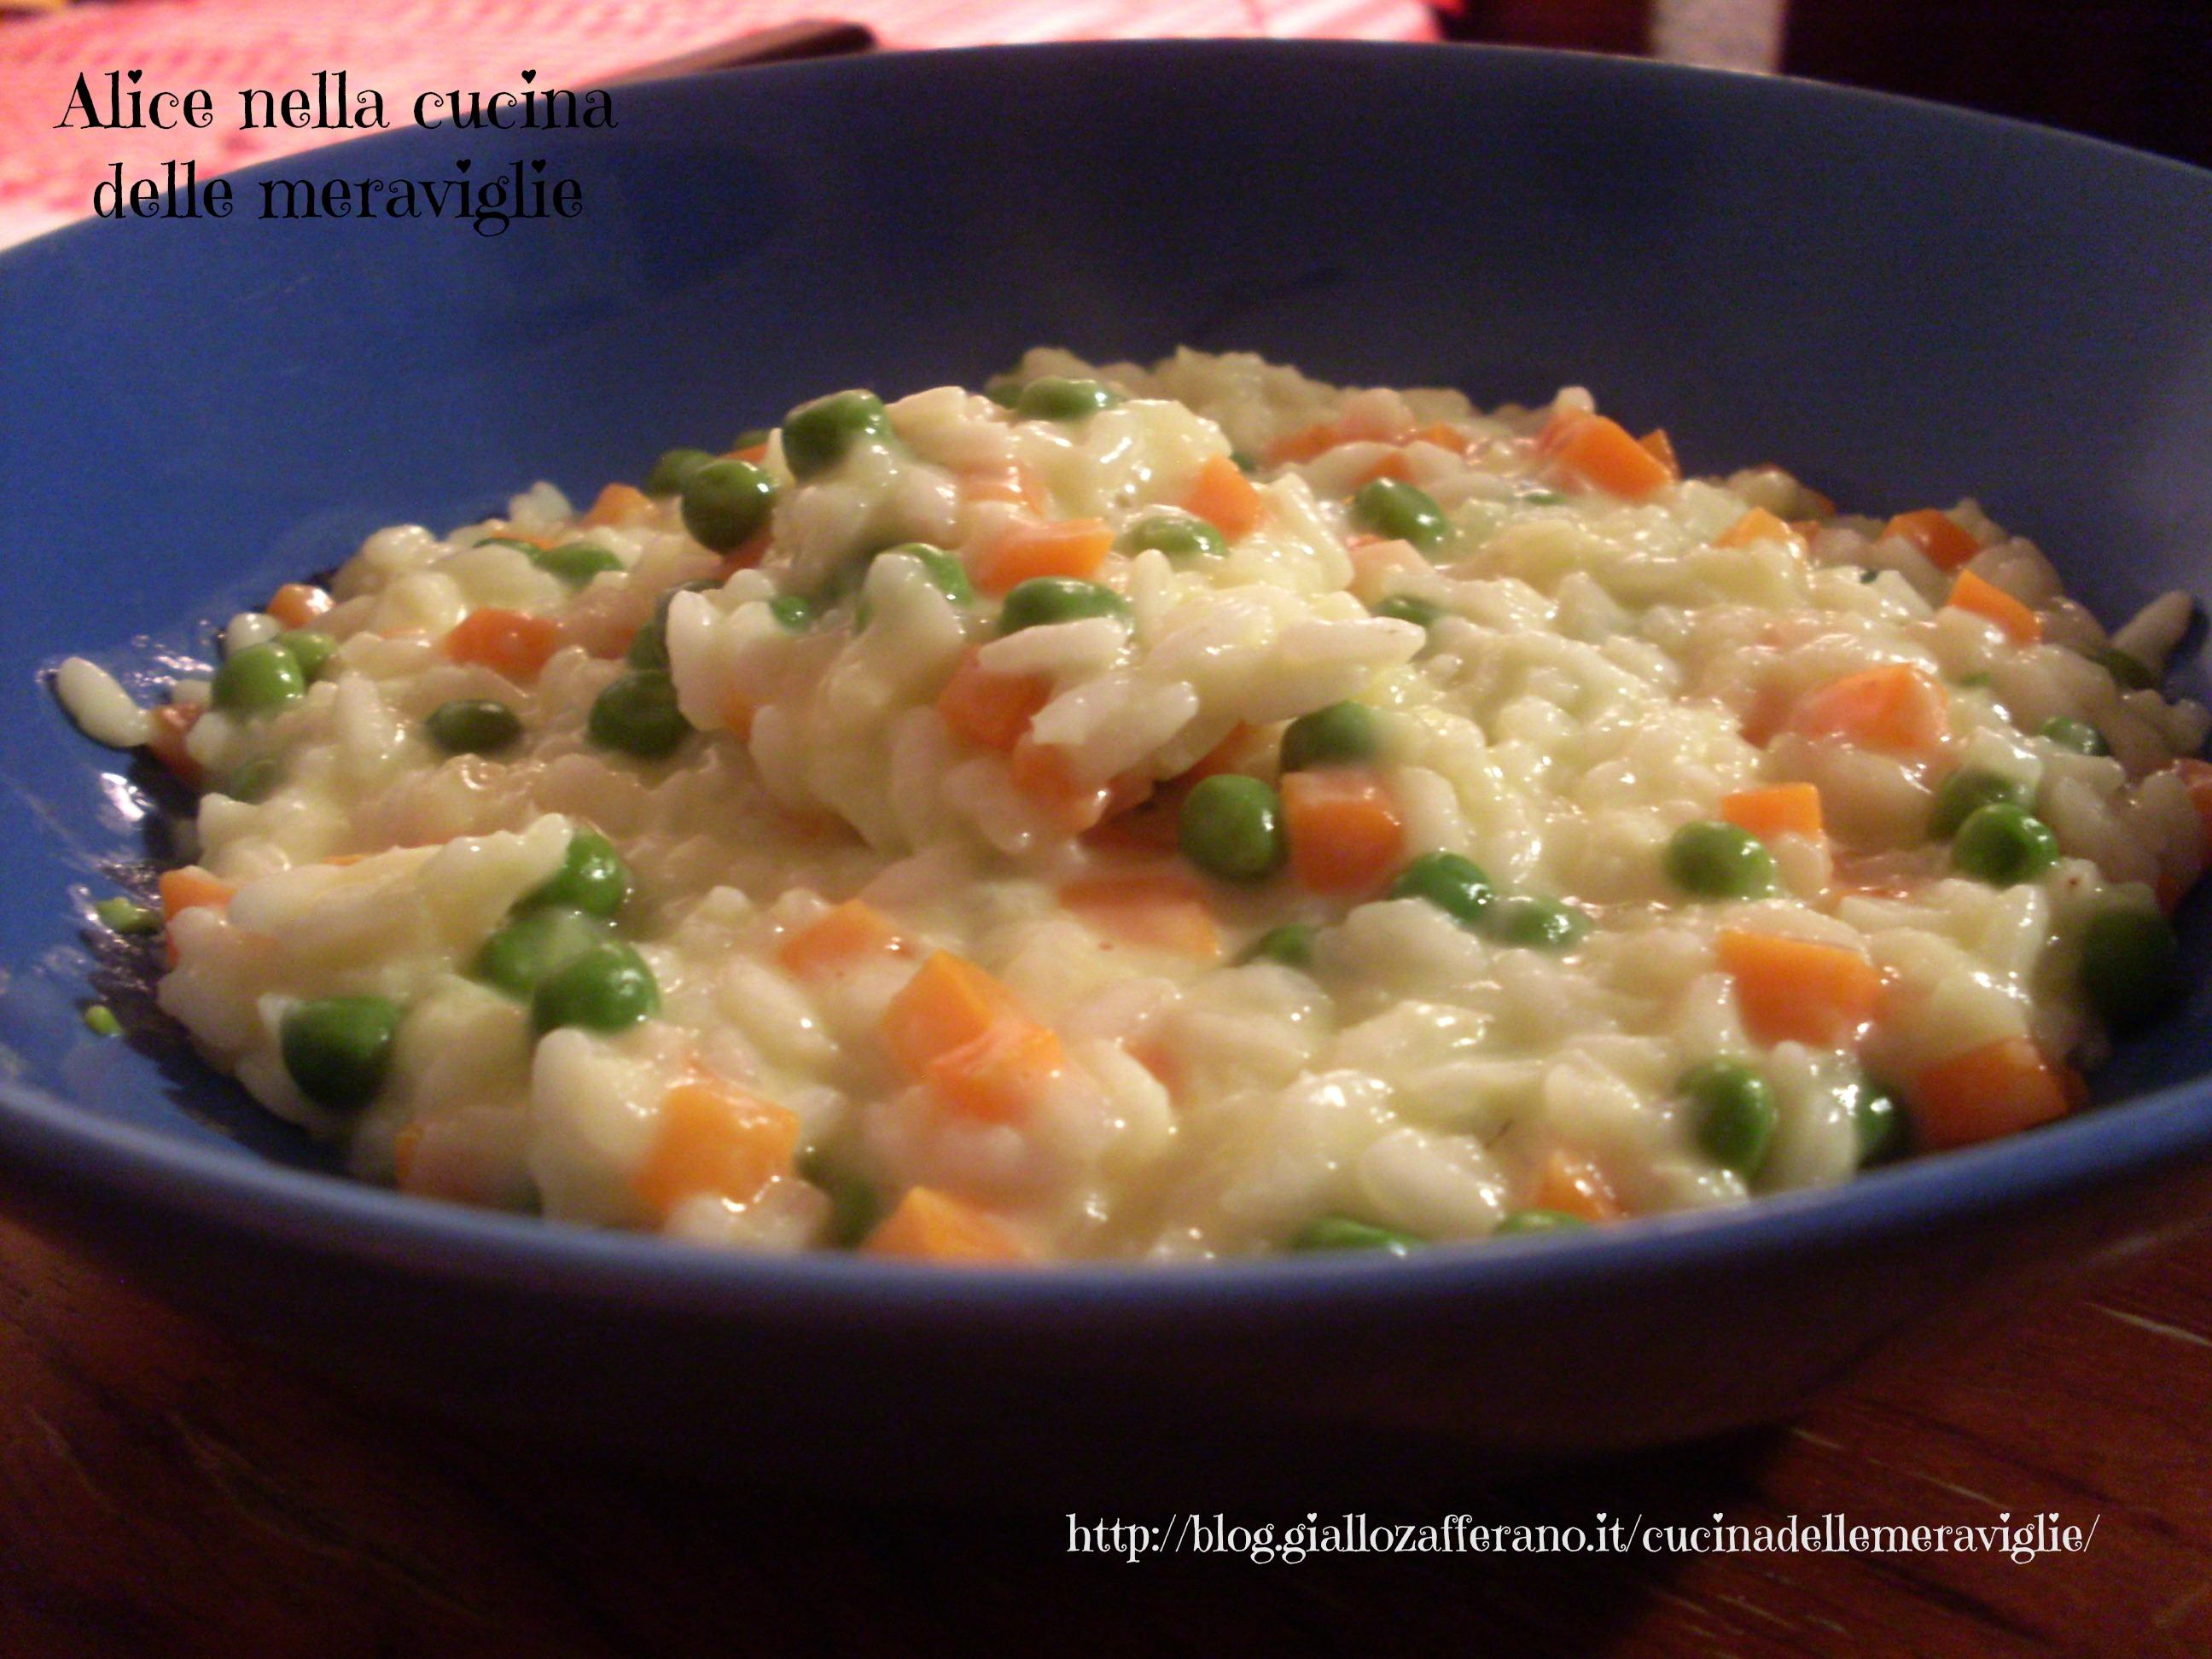 pasta con fave, piselli e panna fresca - Cucinare Vegetariano Ricette